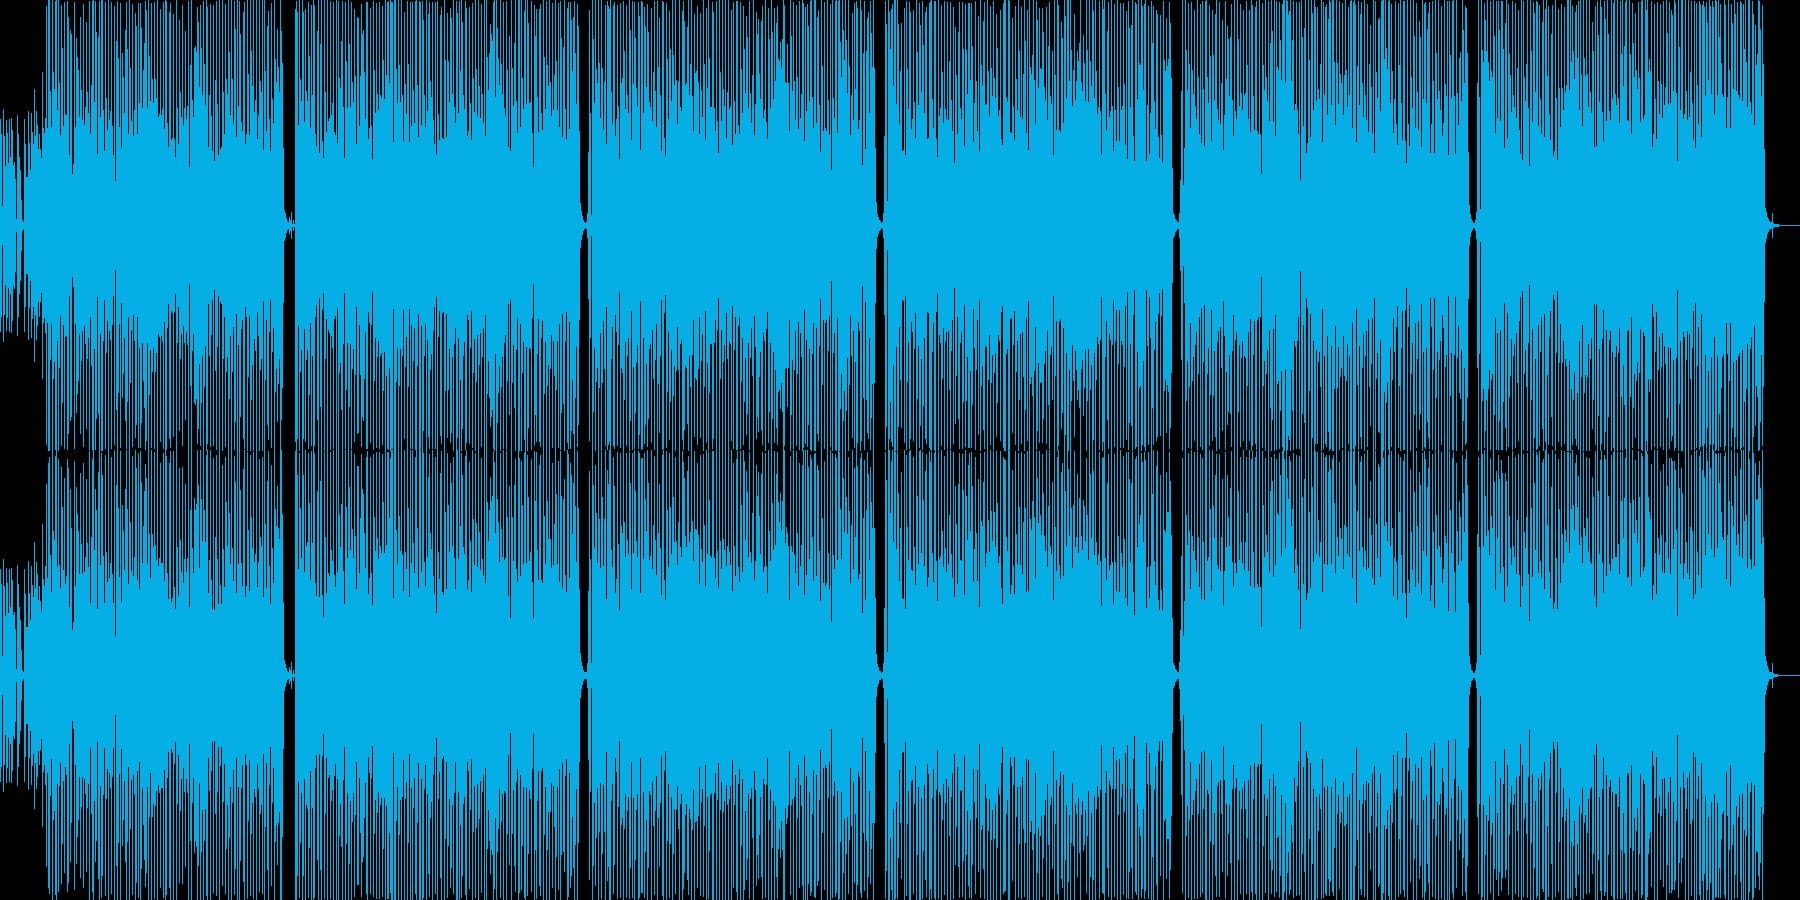 アップテンポのロックロール!200bpmの再生済みの波形